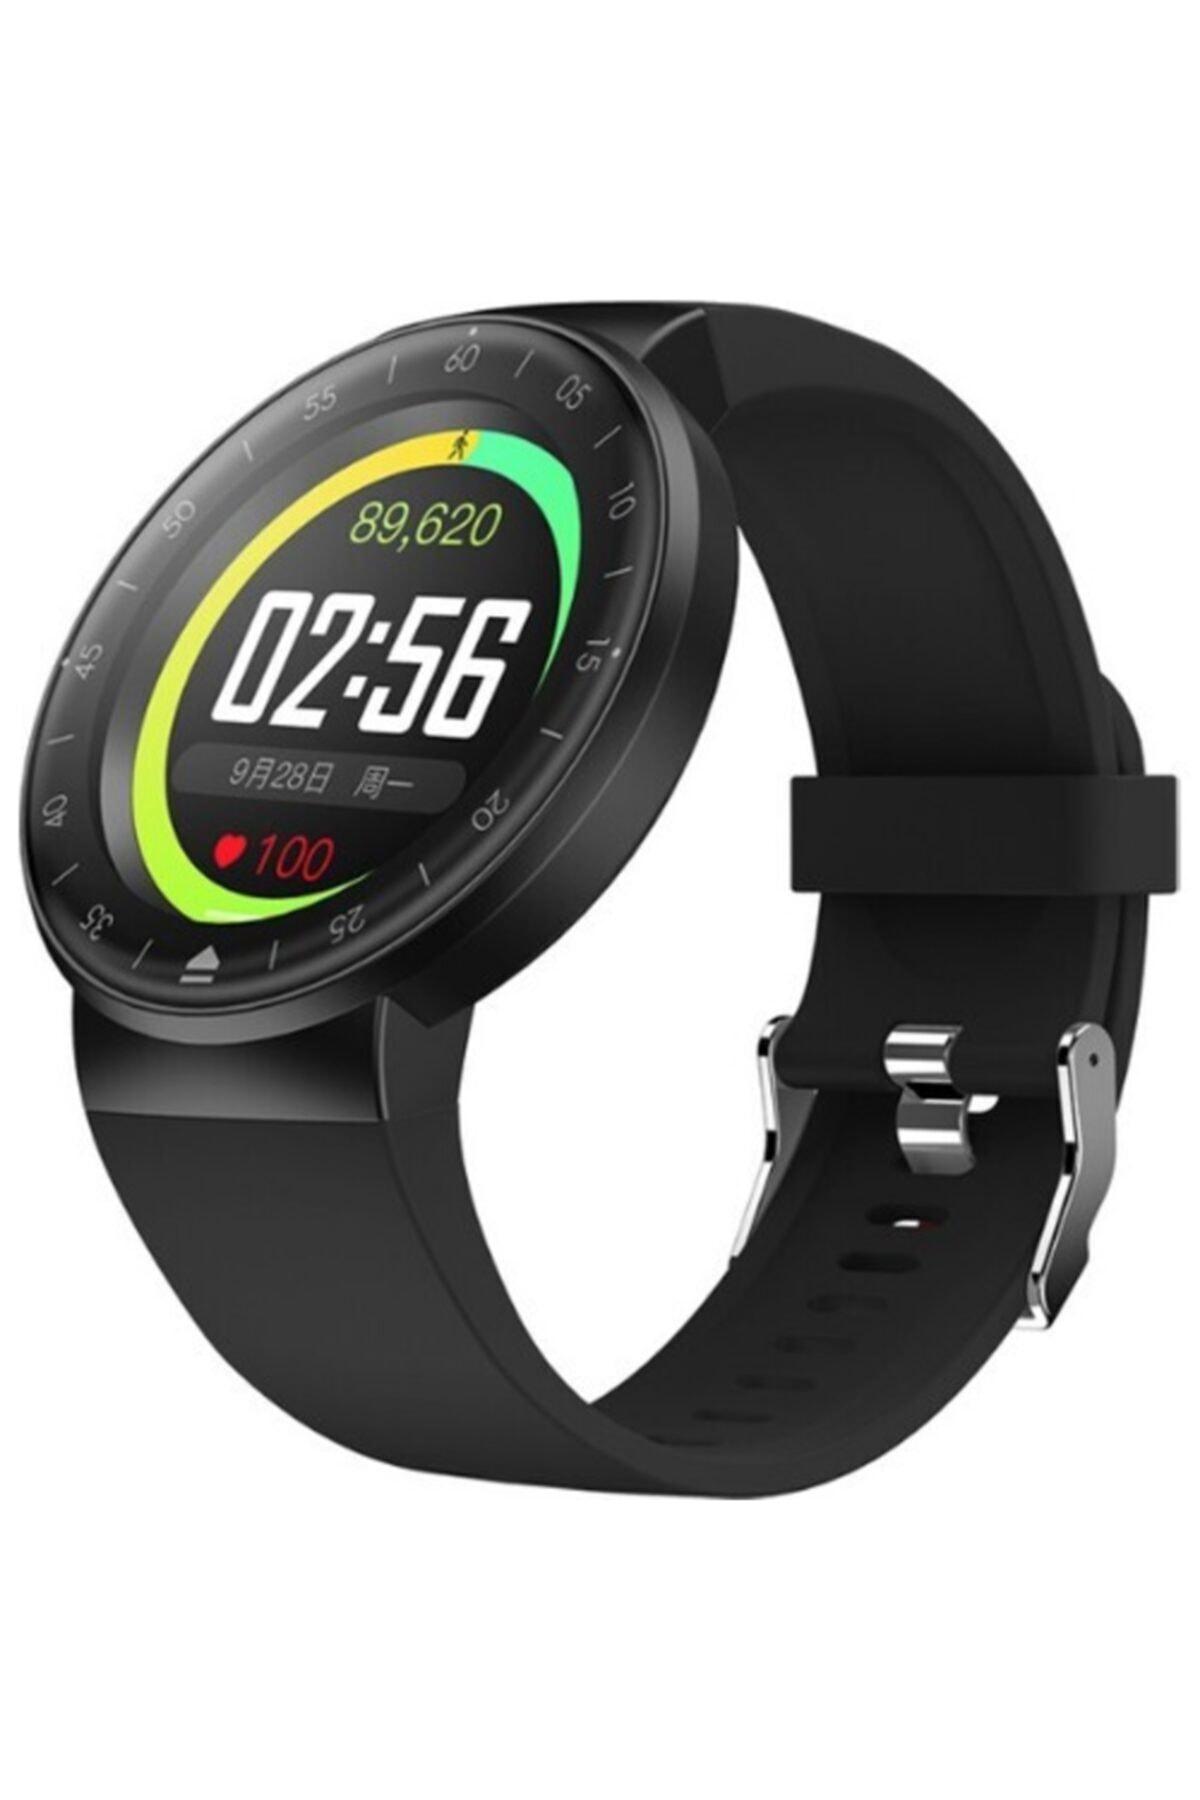 3M Su Geçirmez V15 Akıllı Saat Smart Watch Erkek Kol Saati Bileklik 2